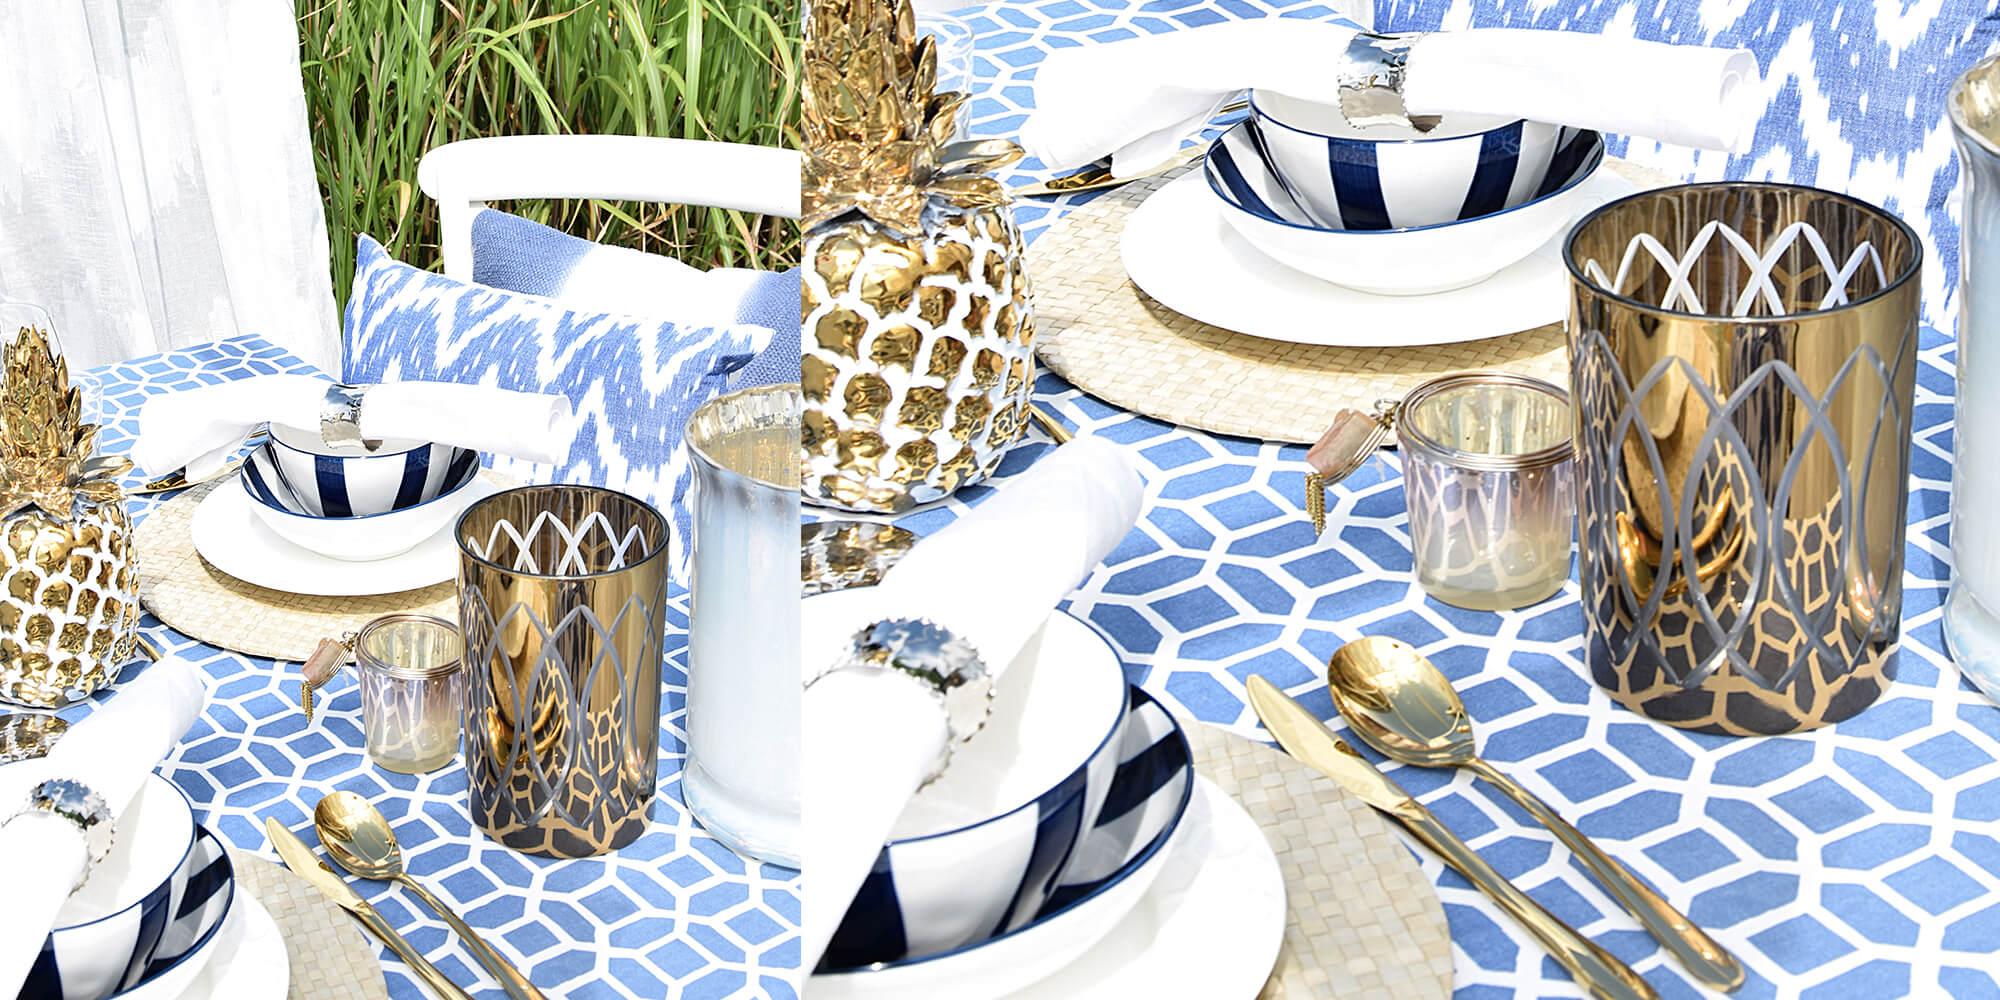 Tischdeko Blau Weiss 60 Mini Muffinformen Blau Kariert Der Ideen